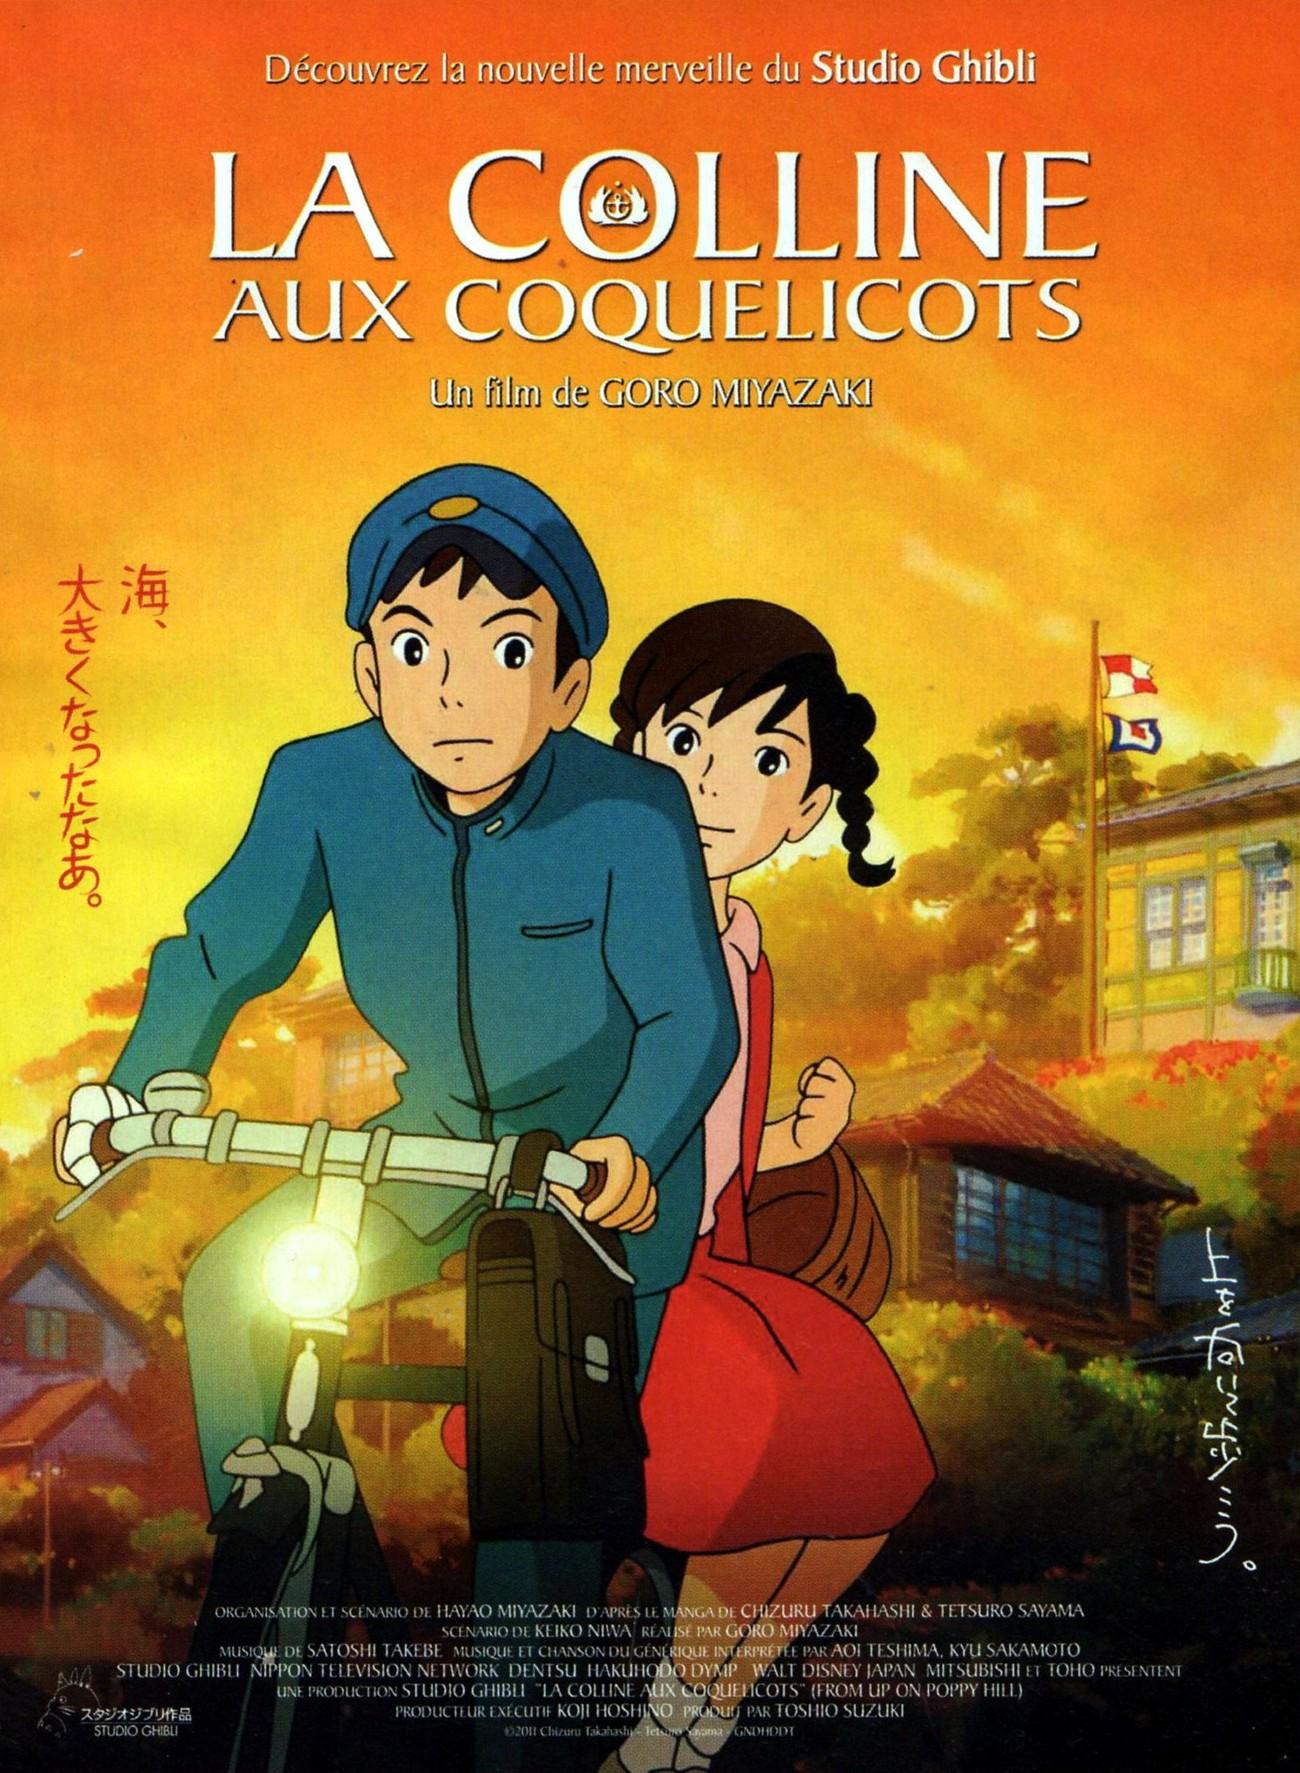 La colline aux coquelicots, de Gôro Miyazaki